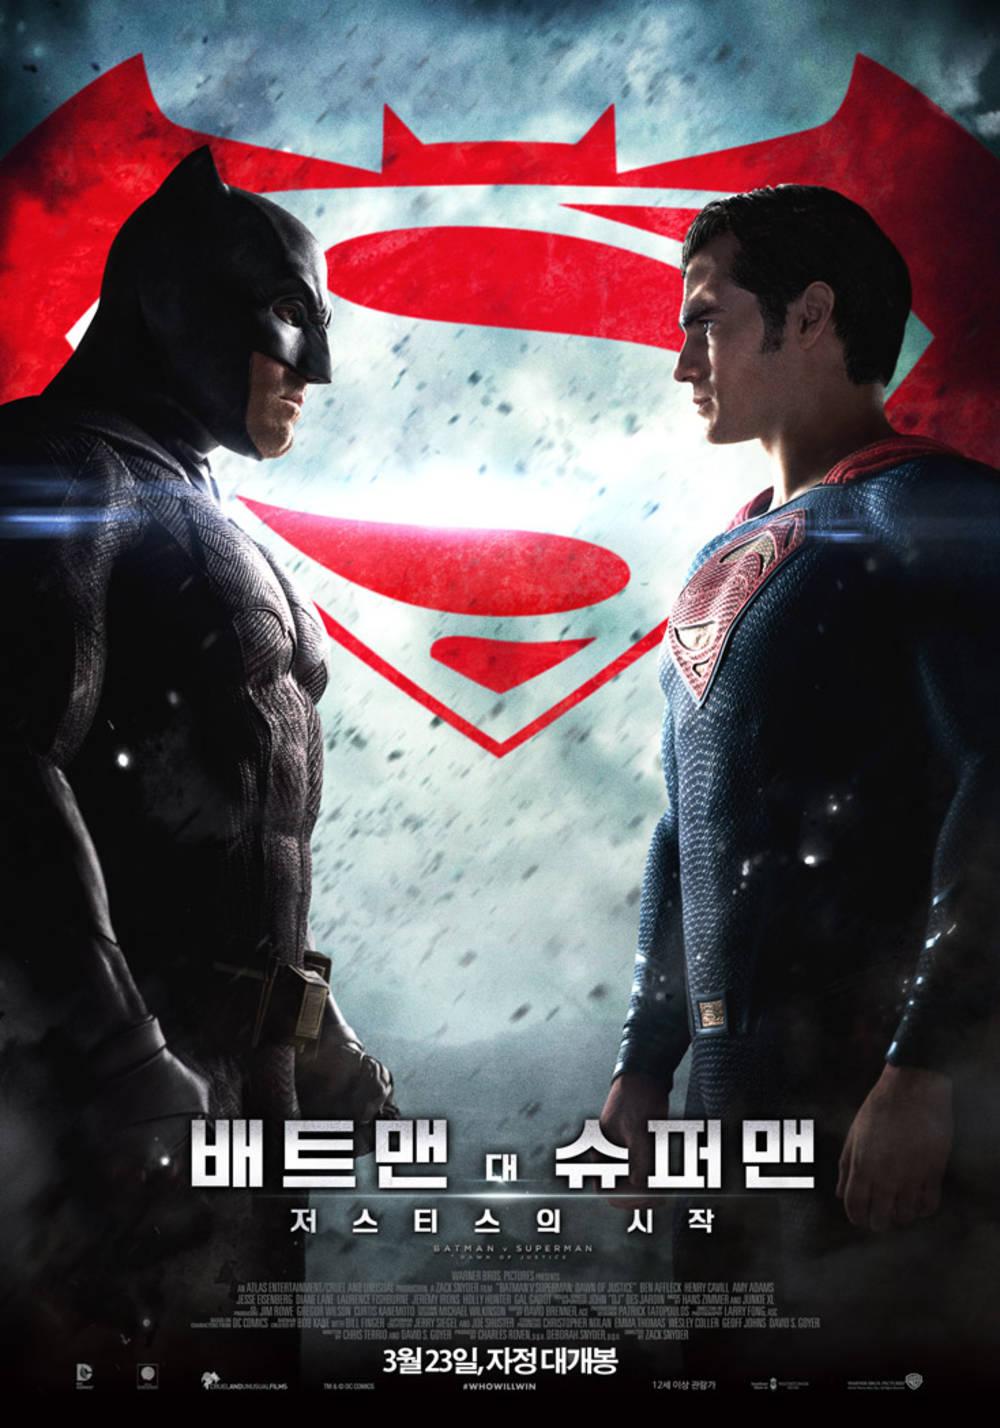 영화 <배트맨 대 슈퍼맨 : 저스티스의 시작>의 작품 포스터